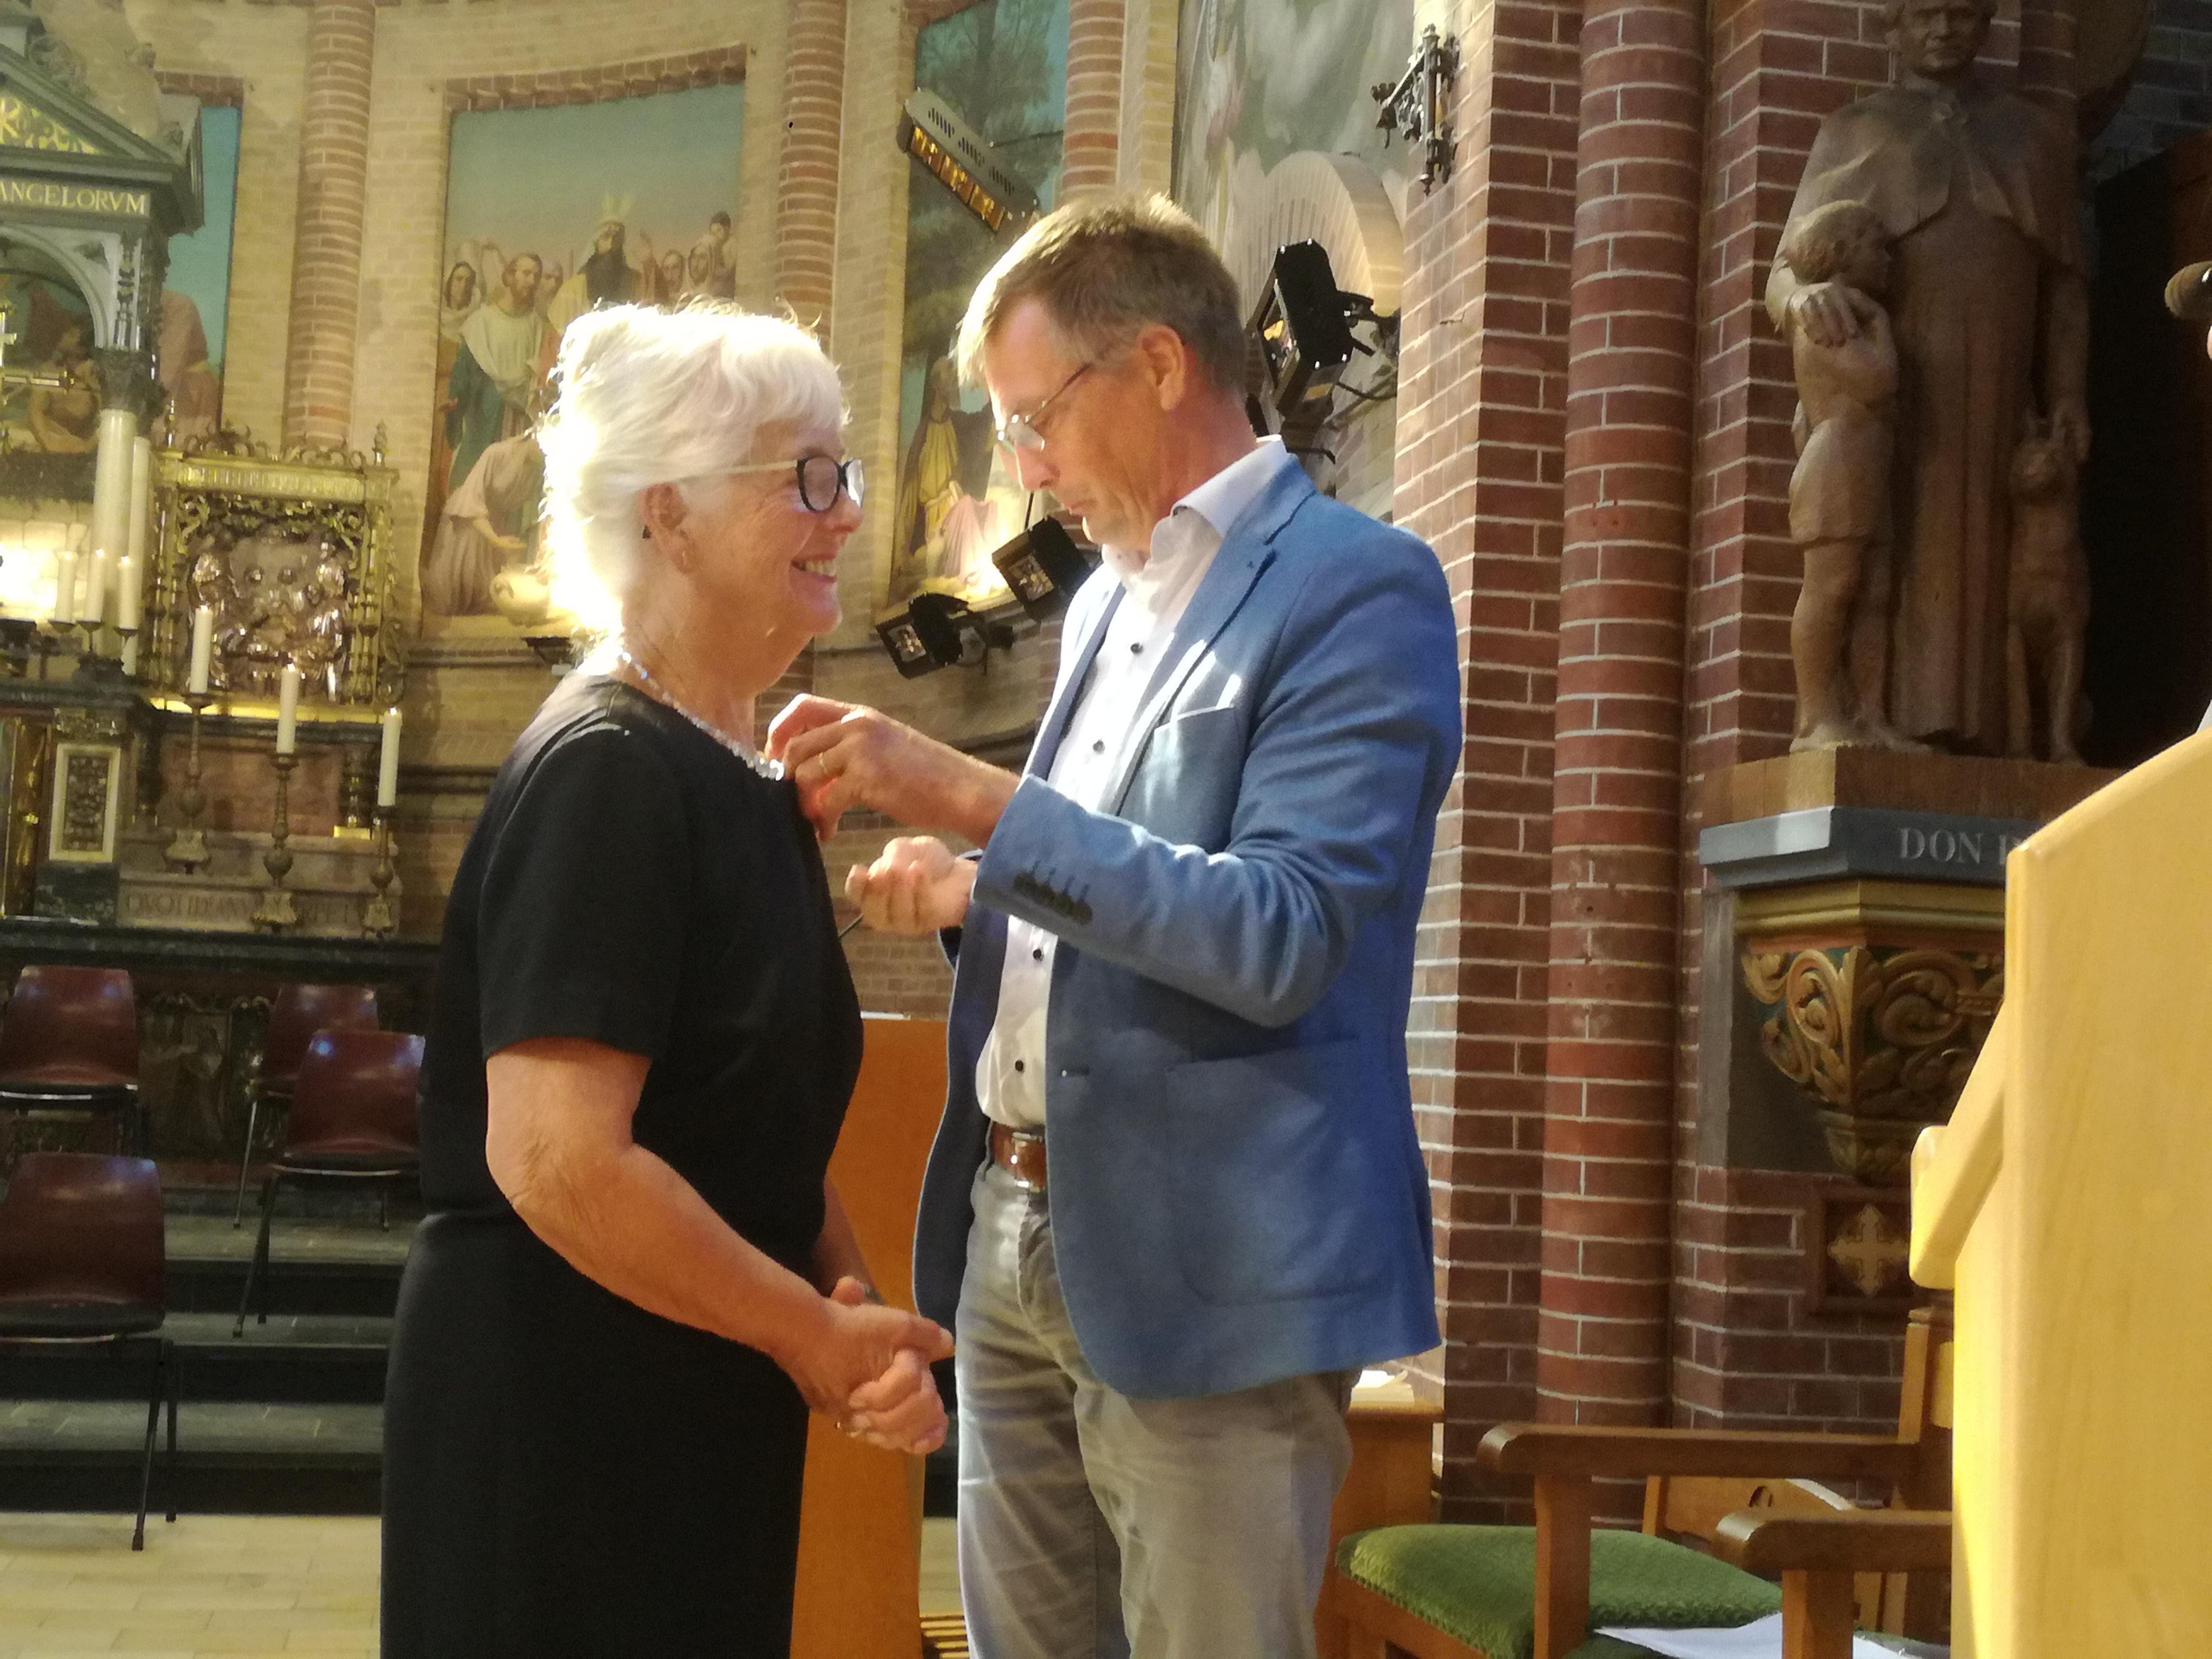 Victorspeld Obdam voor Ineke van Wijk, een van de trouwe vrijwilligers voor de kapeldiensten